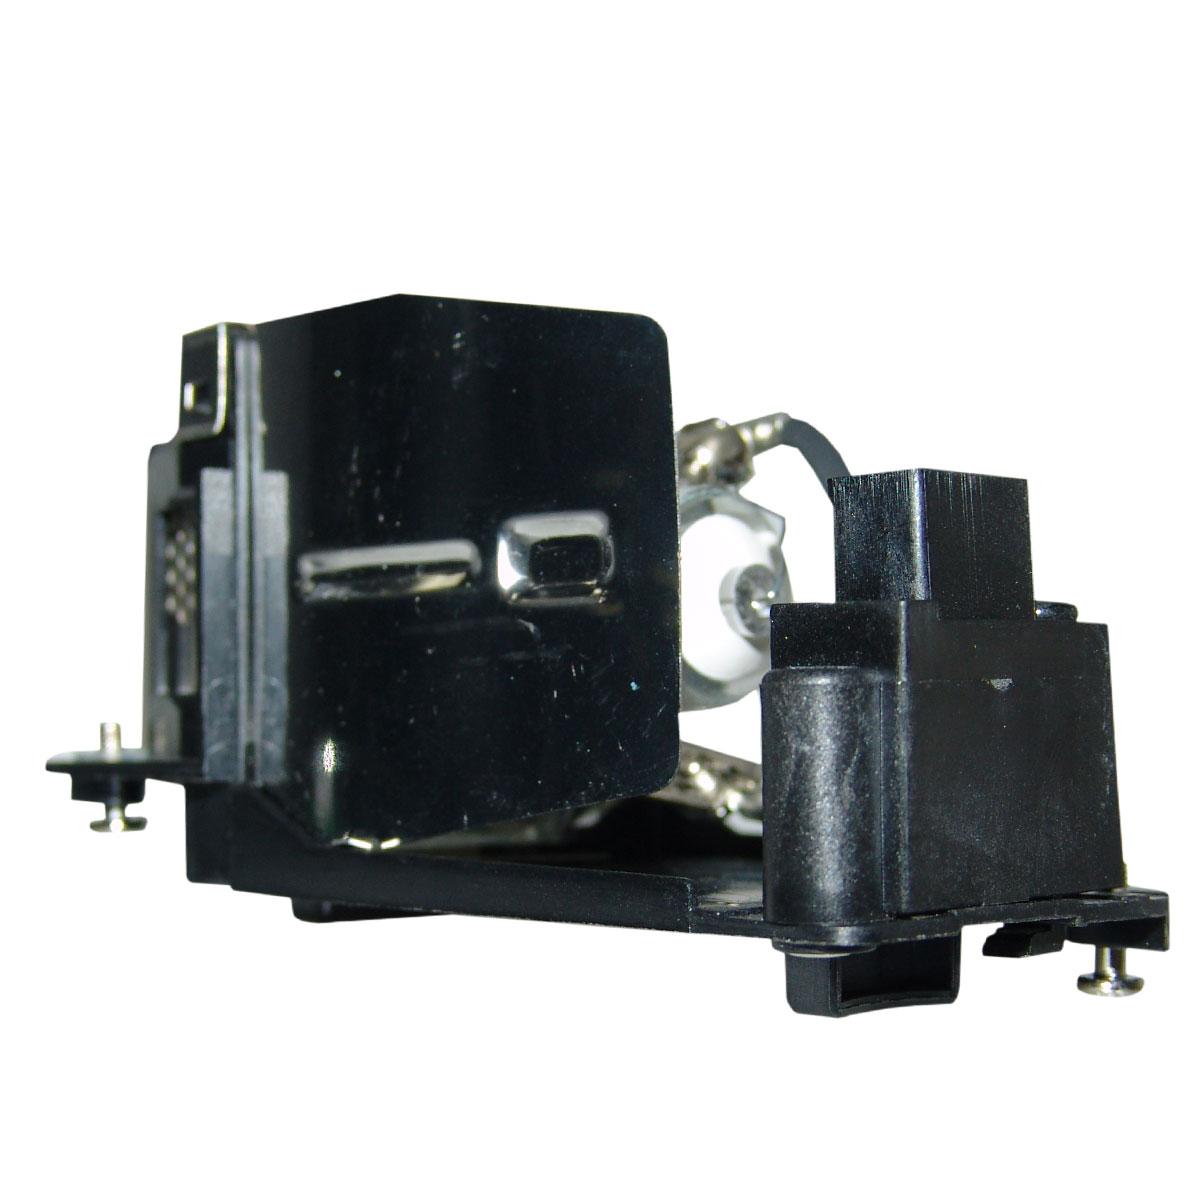 Eiki Lc Xd25u Projector Lamp Module 3